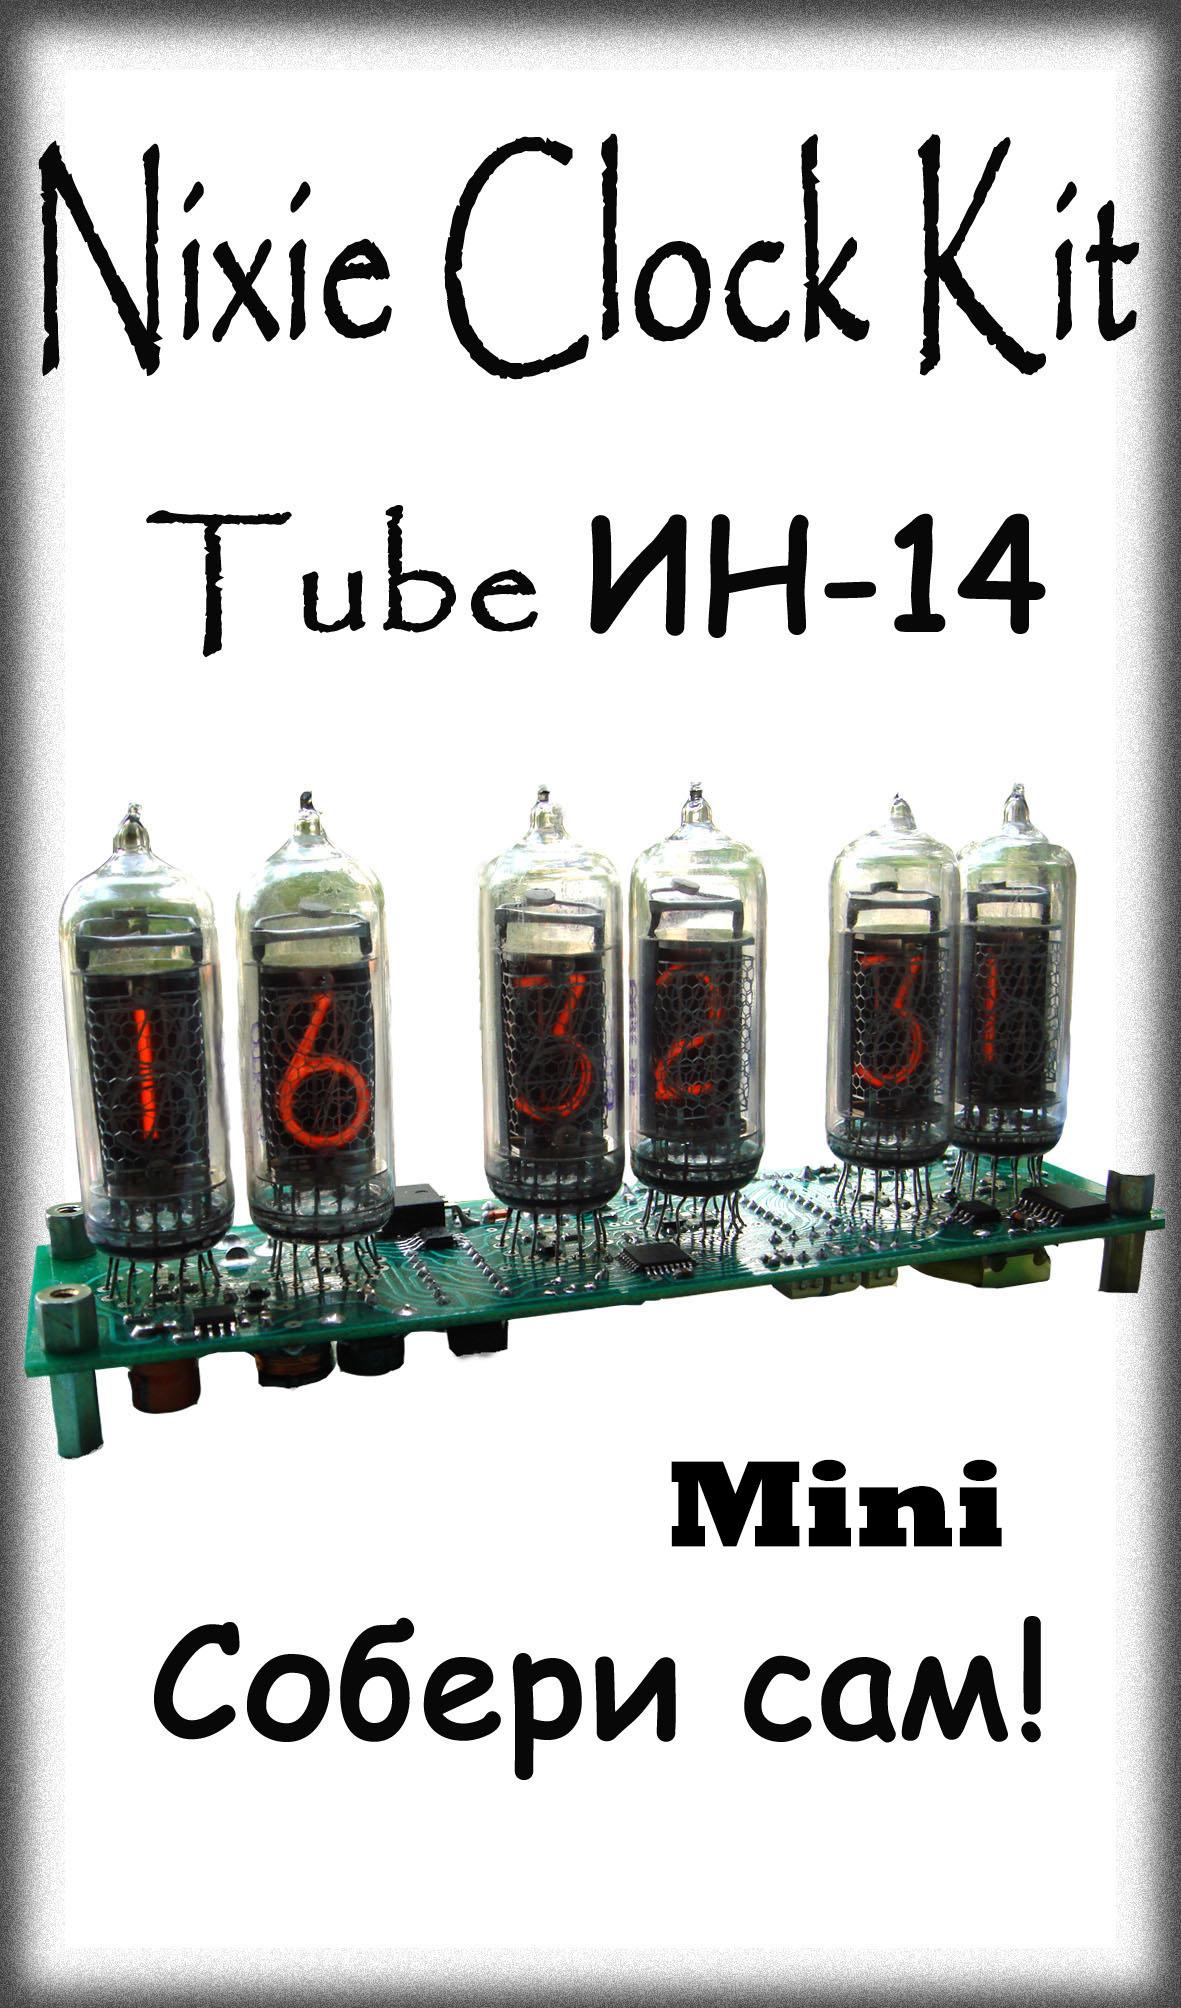 Nixie Clock Kit IN14 6-tube Mini